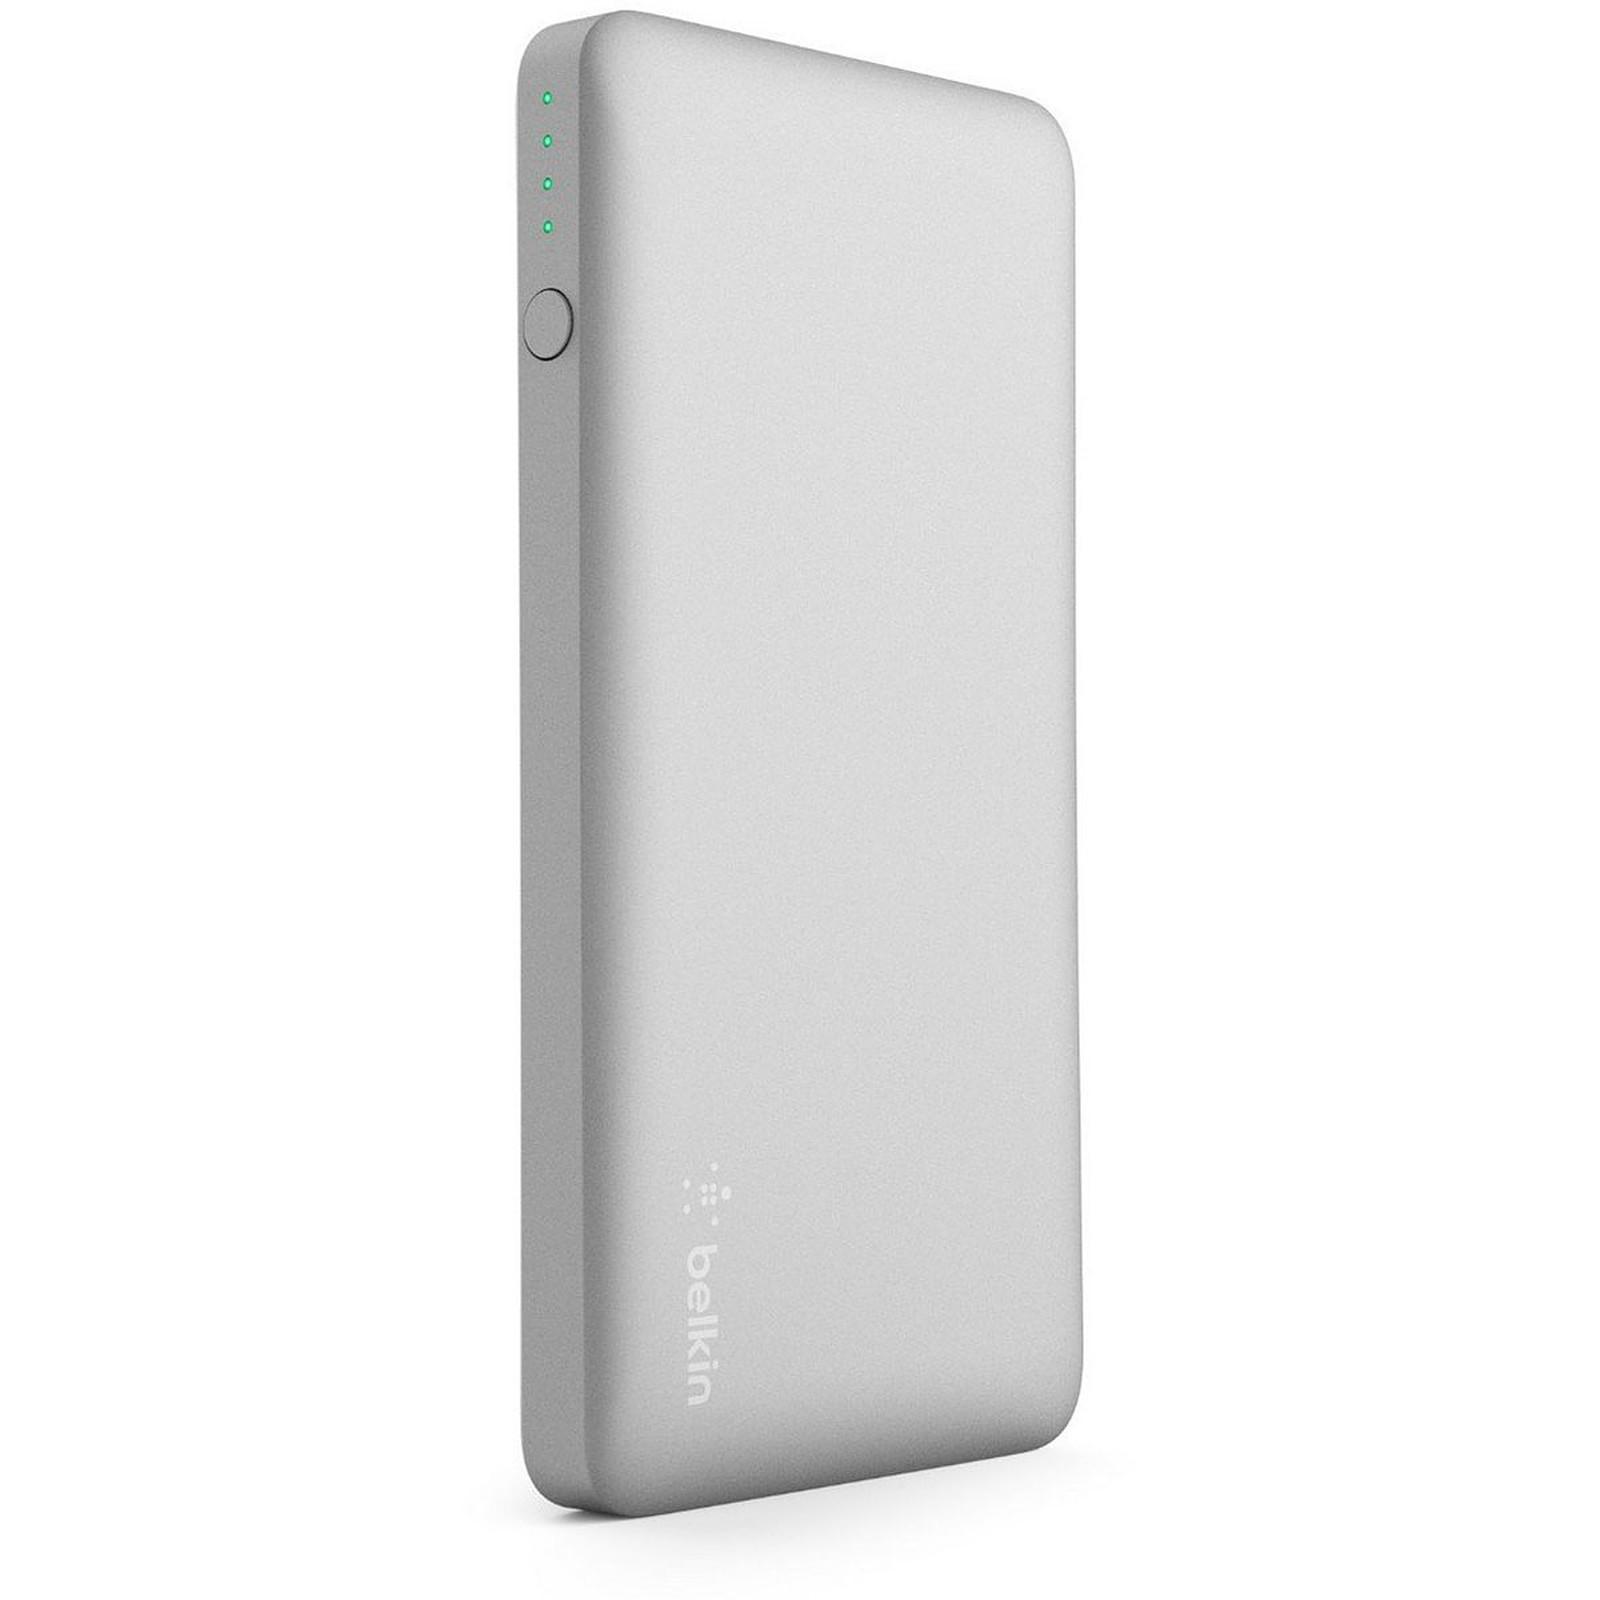 Belkin Pocket Power 5K